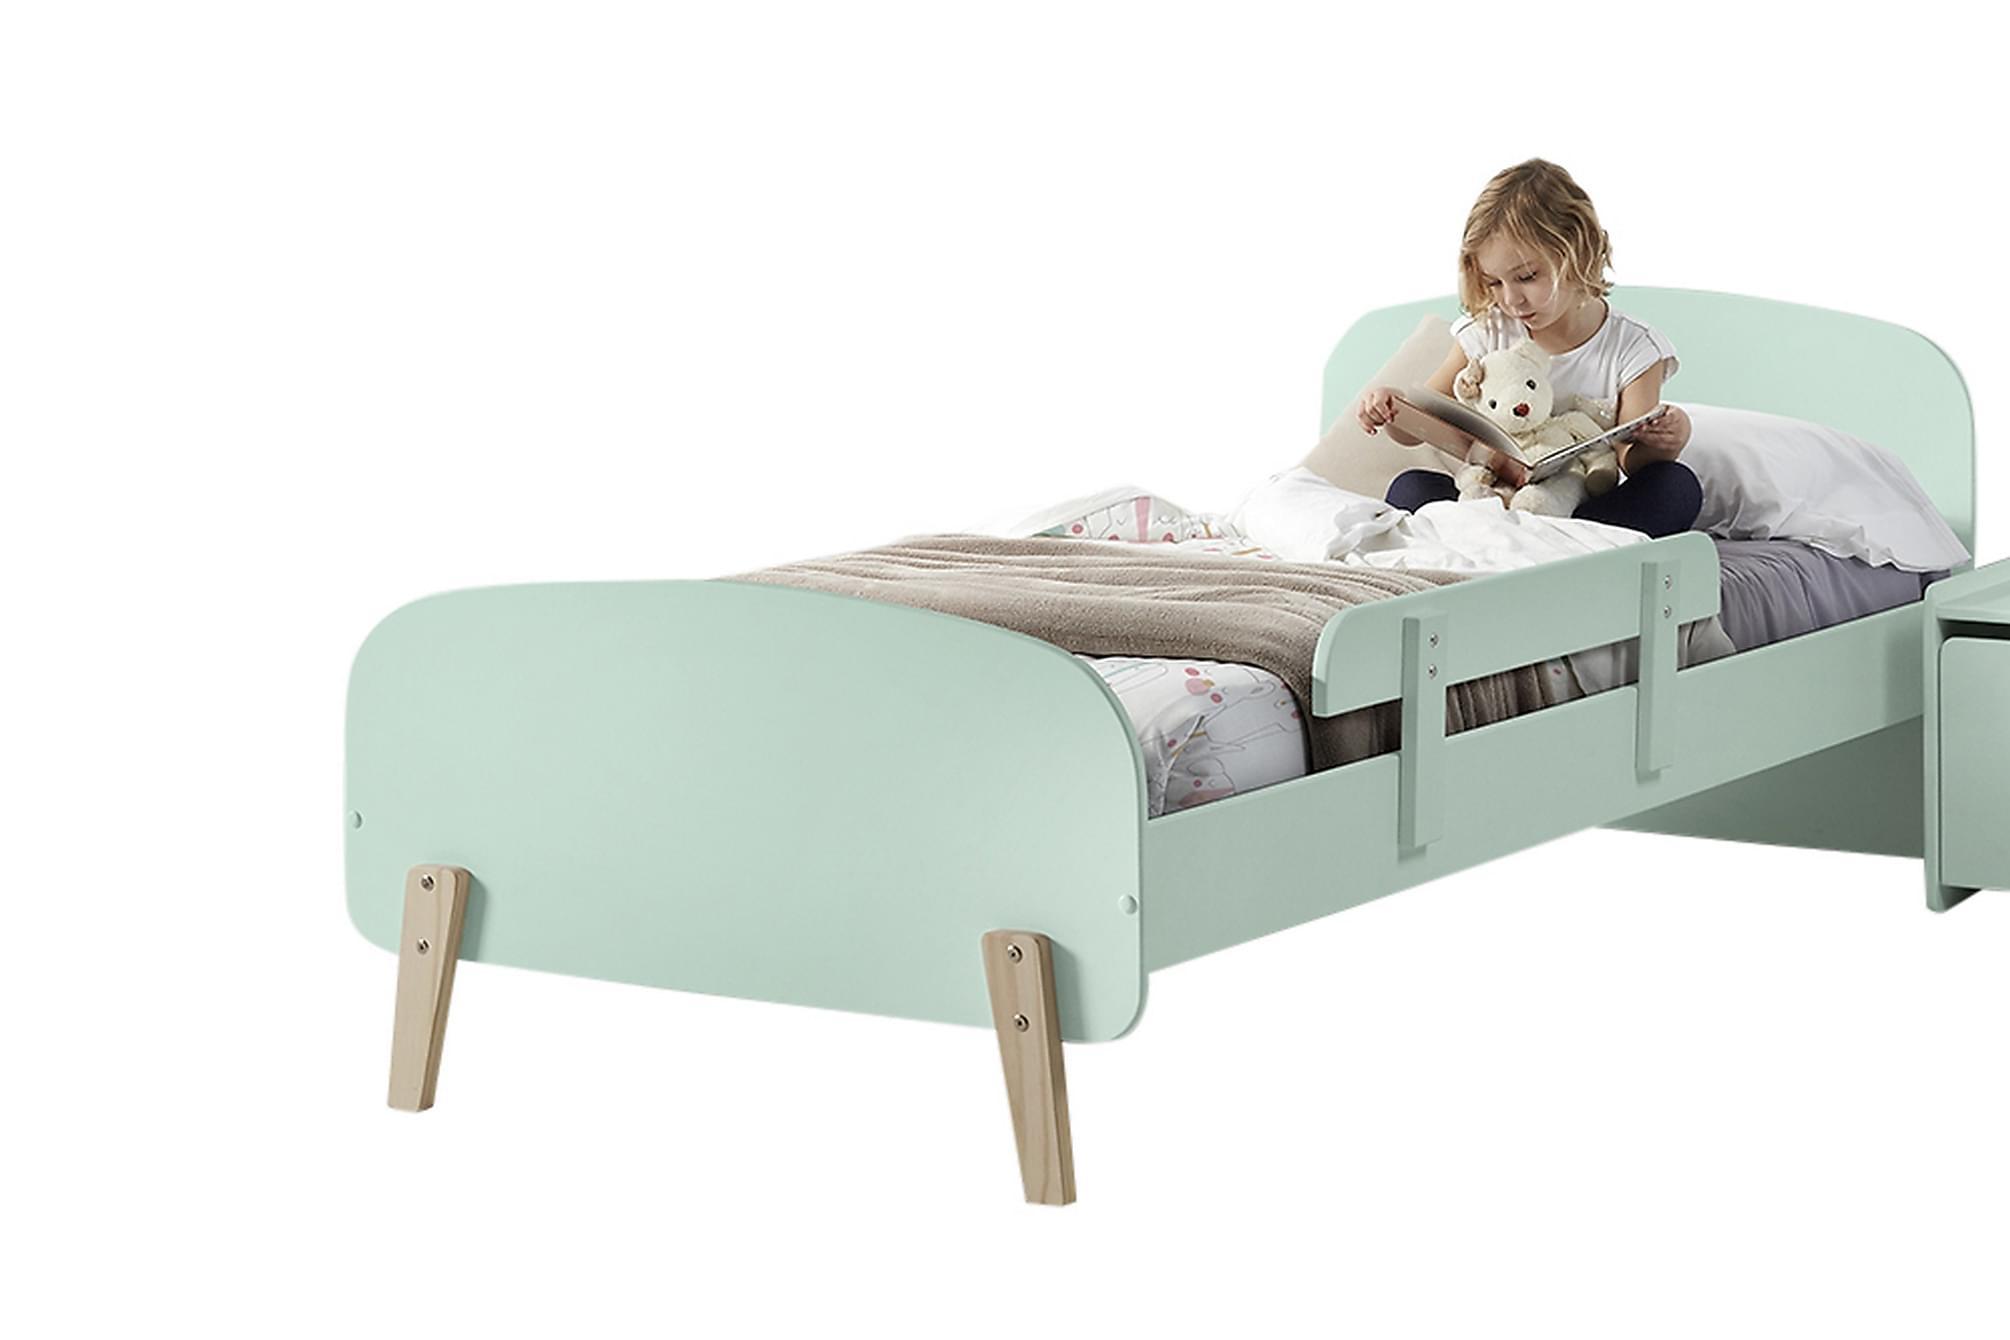 HIPSTOP Sängram Säkerhetsbräda Grön, Möbelset för sovrum